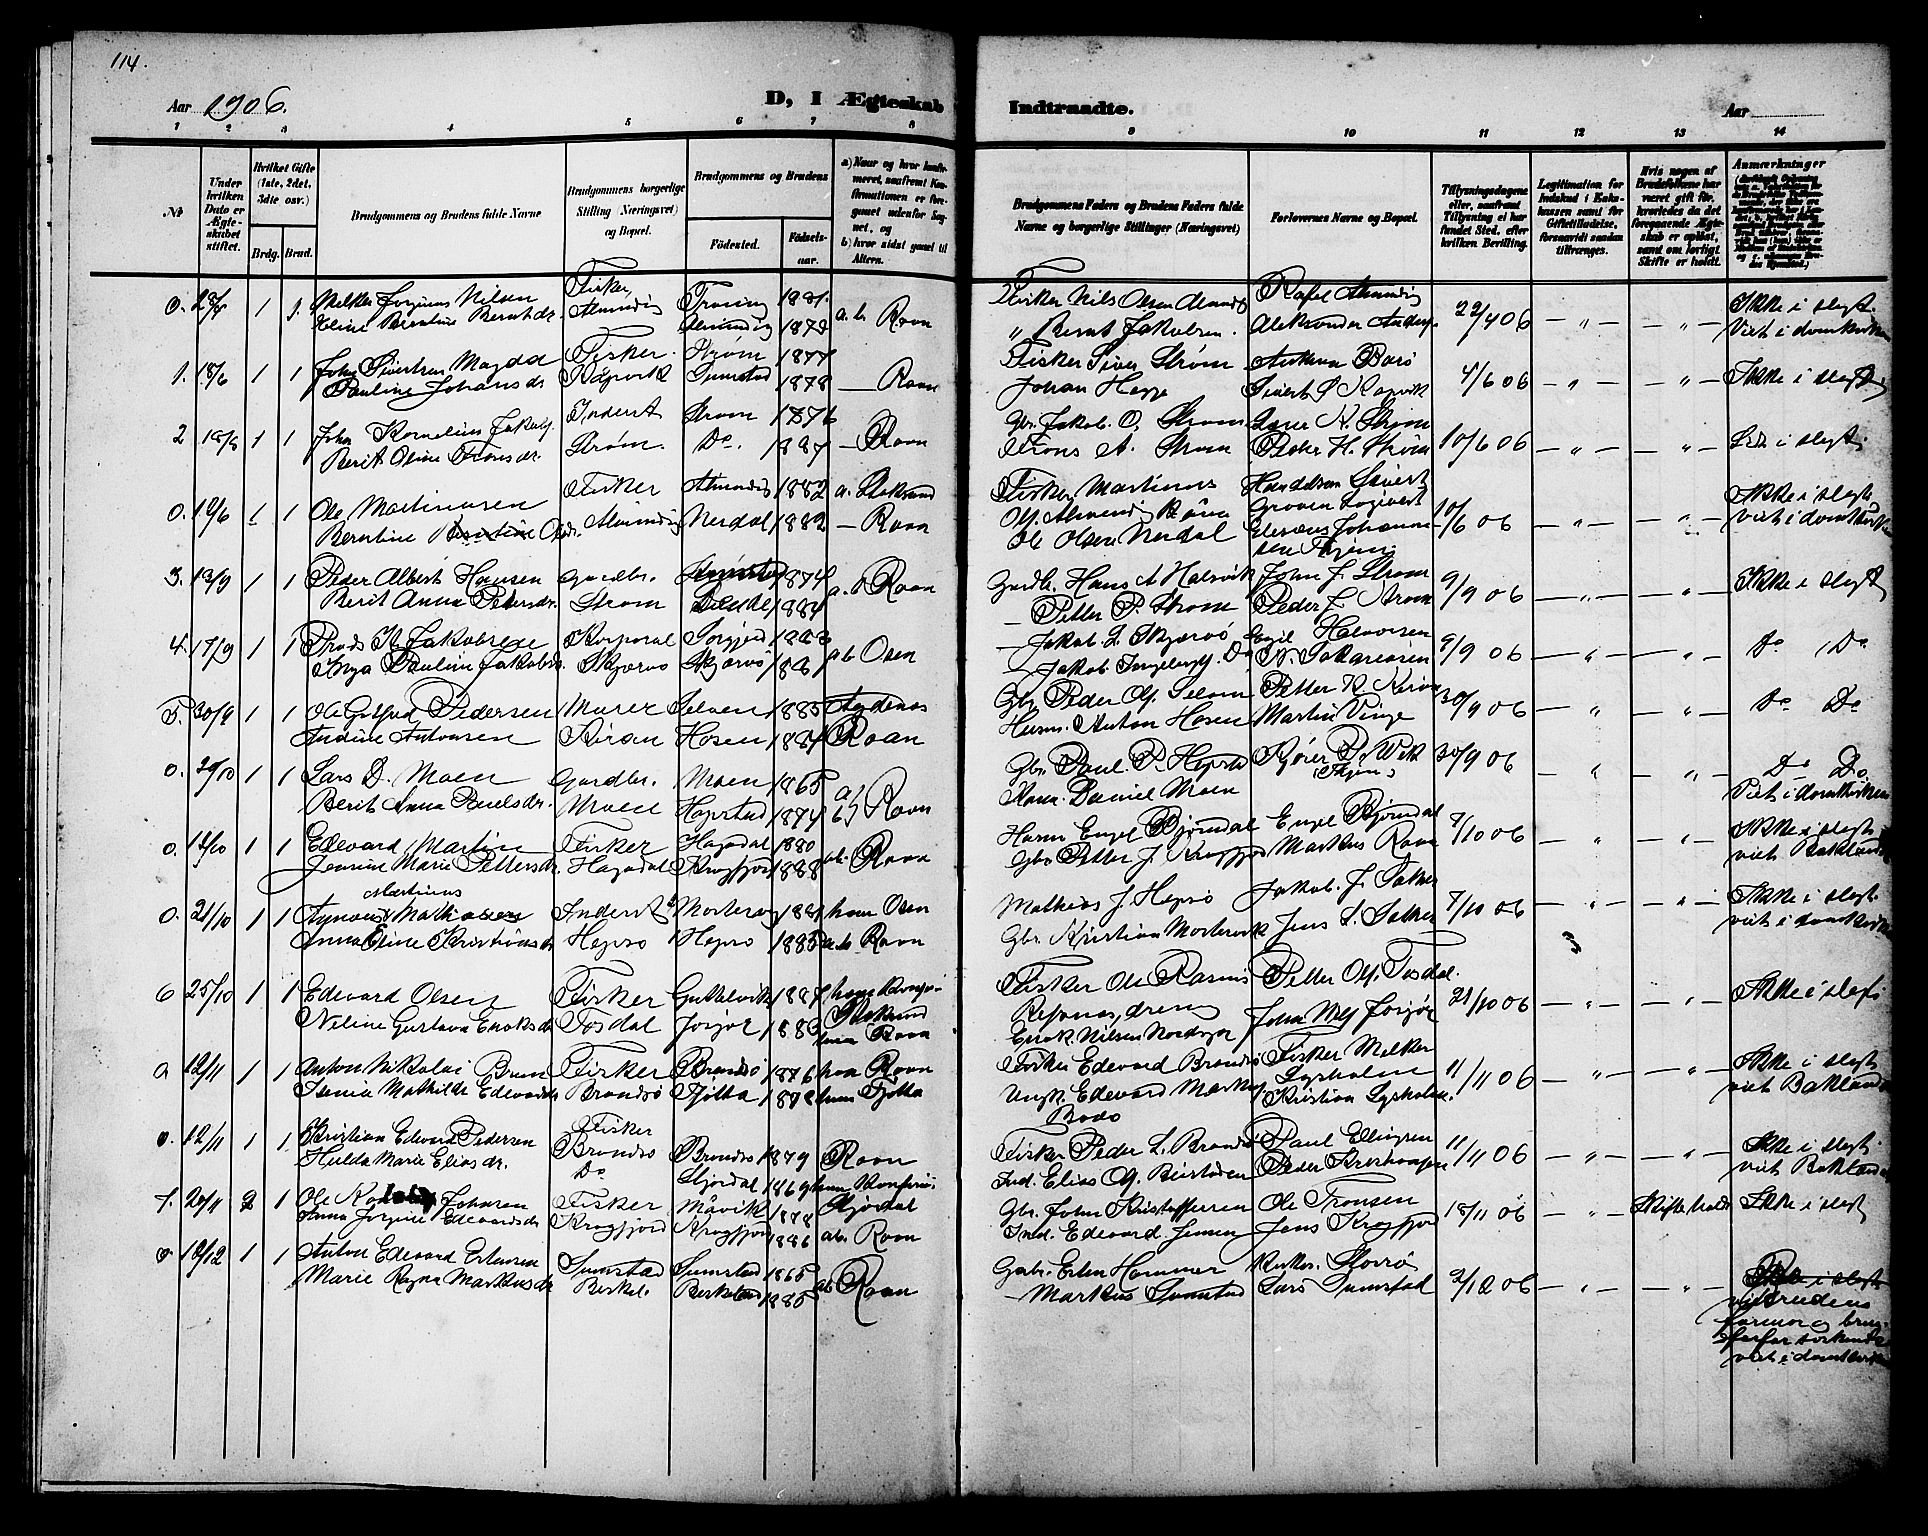 SAT, Ministerialprotokoller, klokkerbøker og fødselsregistre - Sør-Trøndelag, 657/L0717: Klokkerbok nr. 657C04, 1904-1923, s. 114